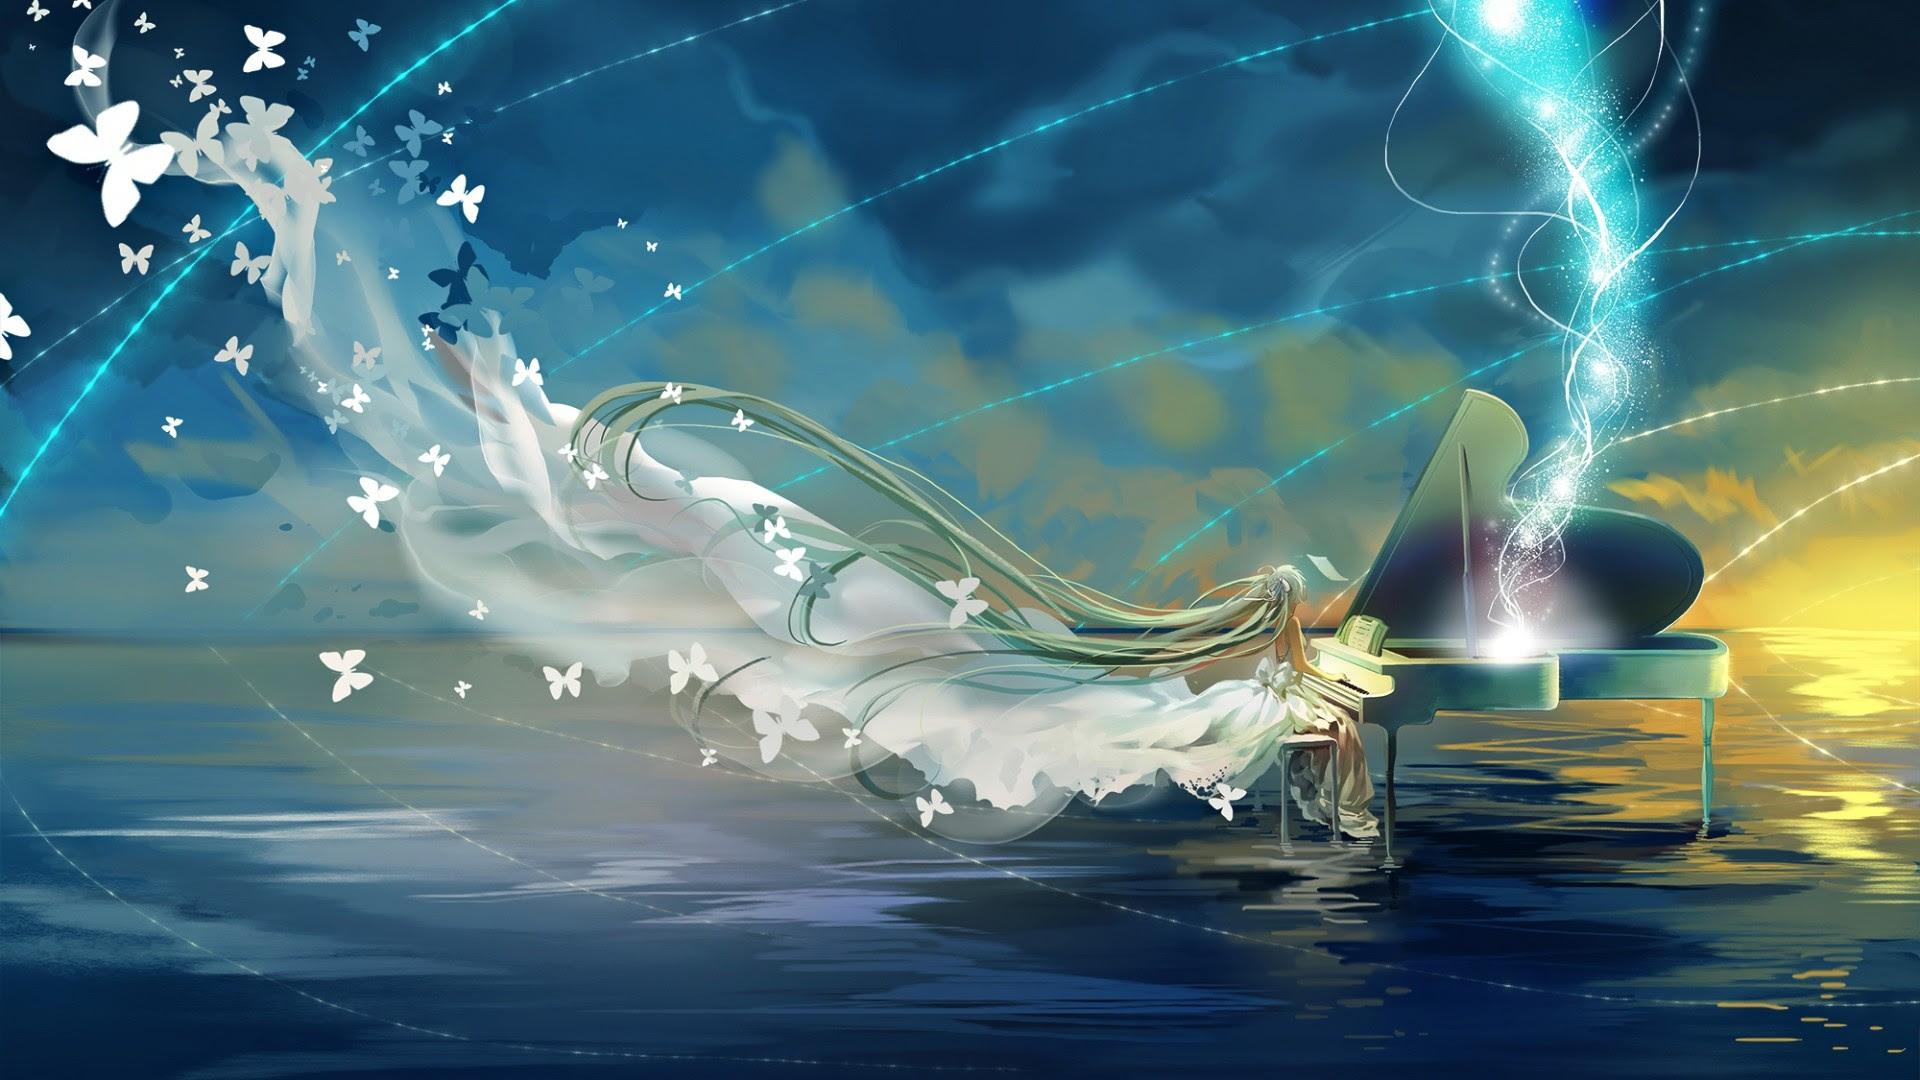 Anime Desktop Backgrounds (70+ images)